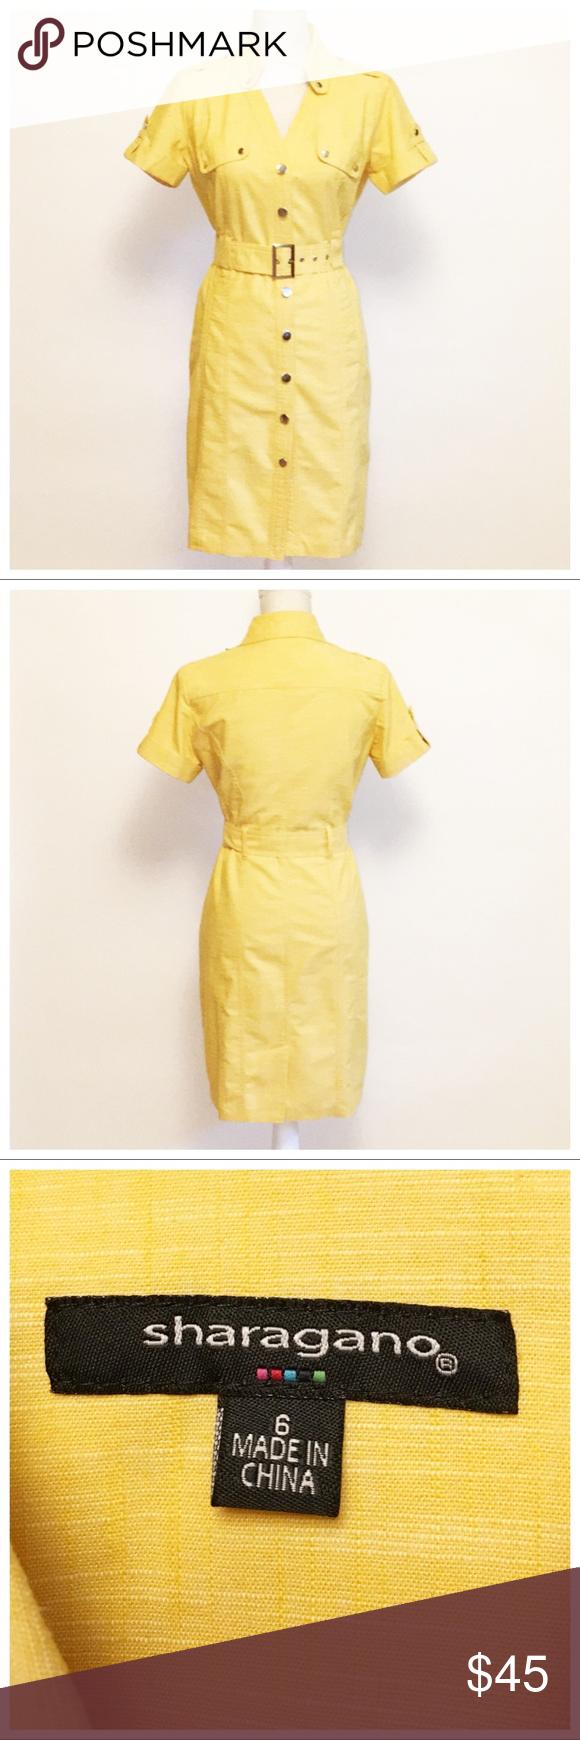 Sharagano Shirt Dress T Shirt Design Database